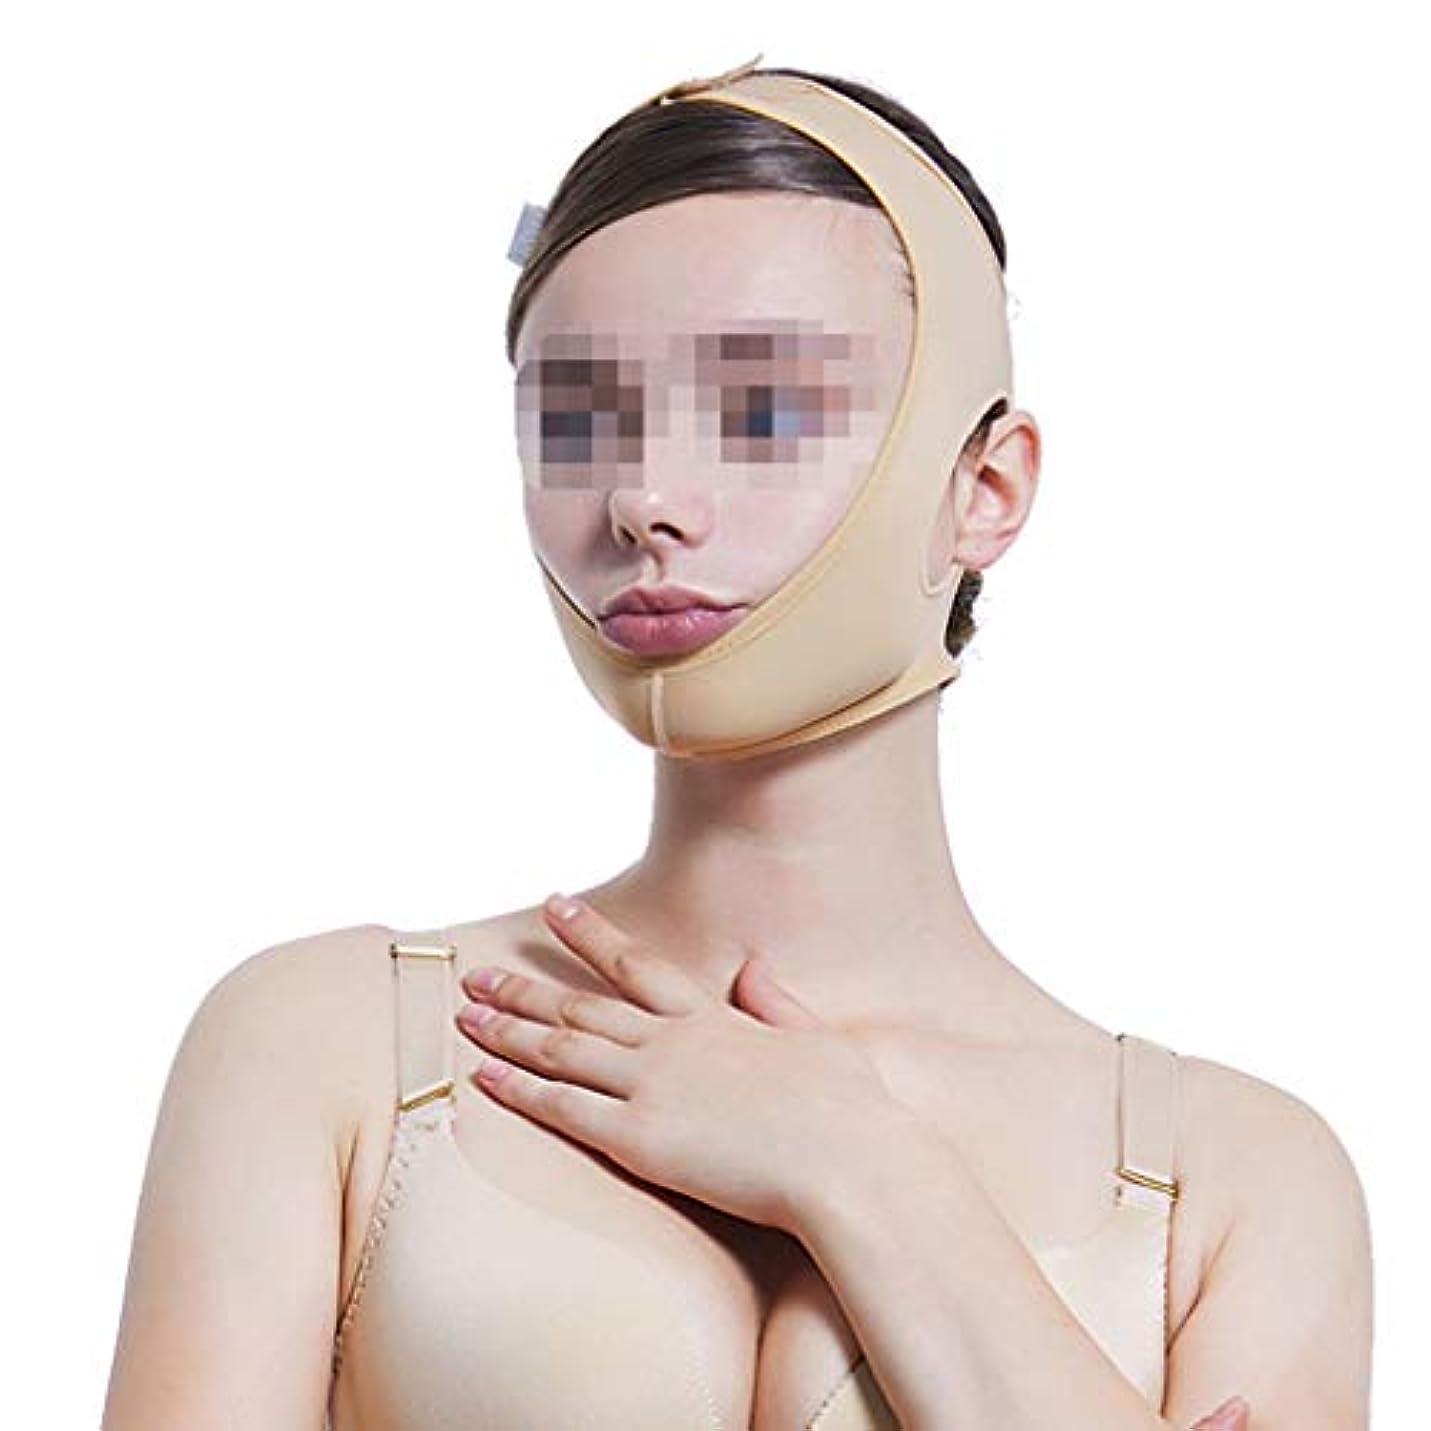 簡略化する時折終了しましたXHLMRMJ ビームフェイス弾性ヘッドギア、二重あごの顎セットにマスクの後に線彫り薄いフェイス包帯マルチサイズオプション (Size : XXL)